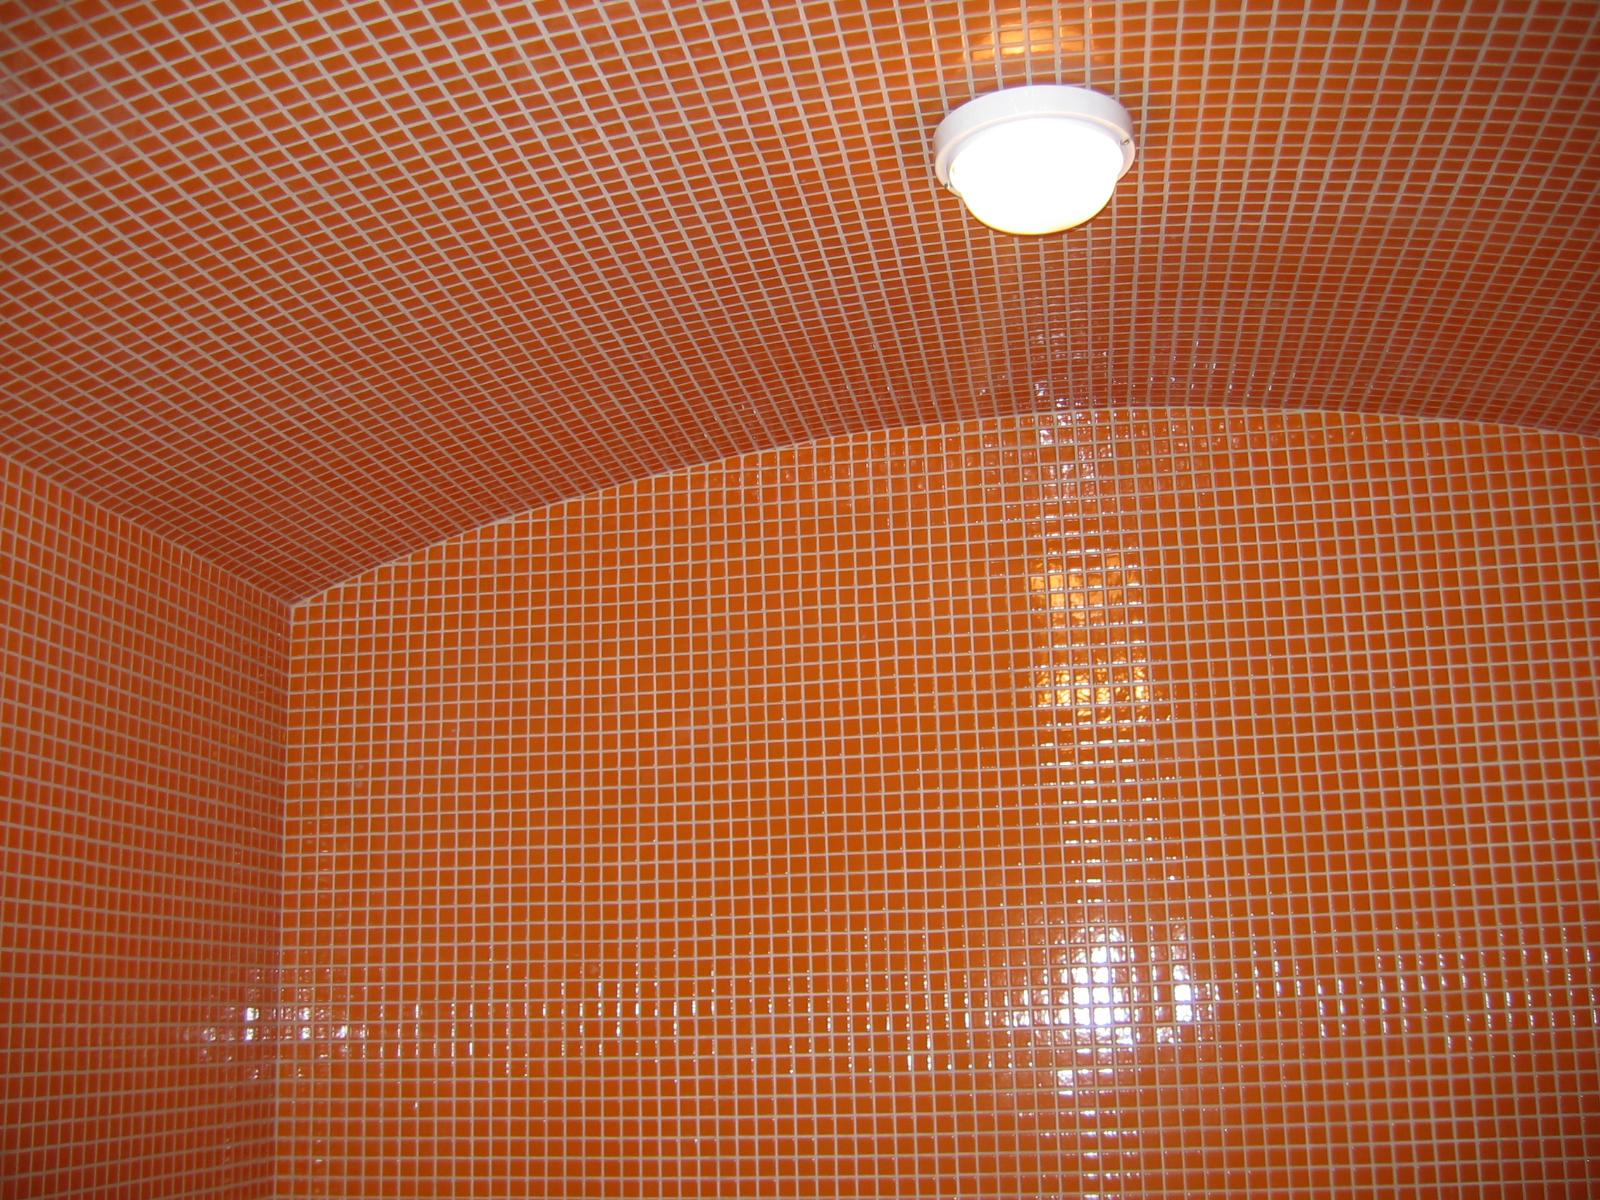 Saune umede - HAMMAM HOBBIT CONCEPT RO - Poza 8